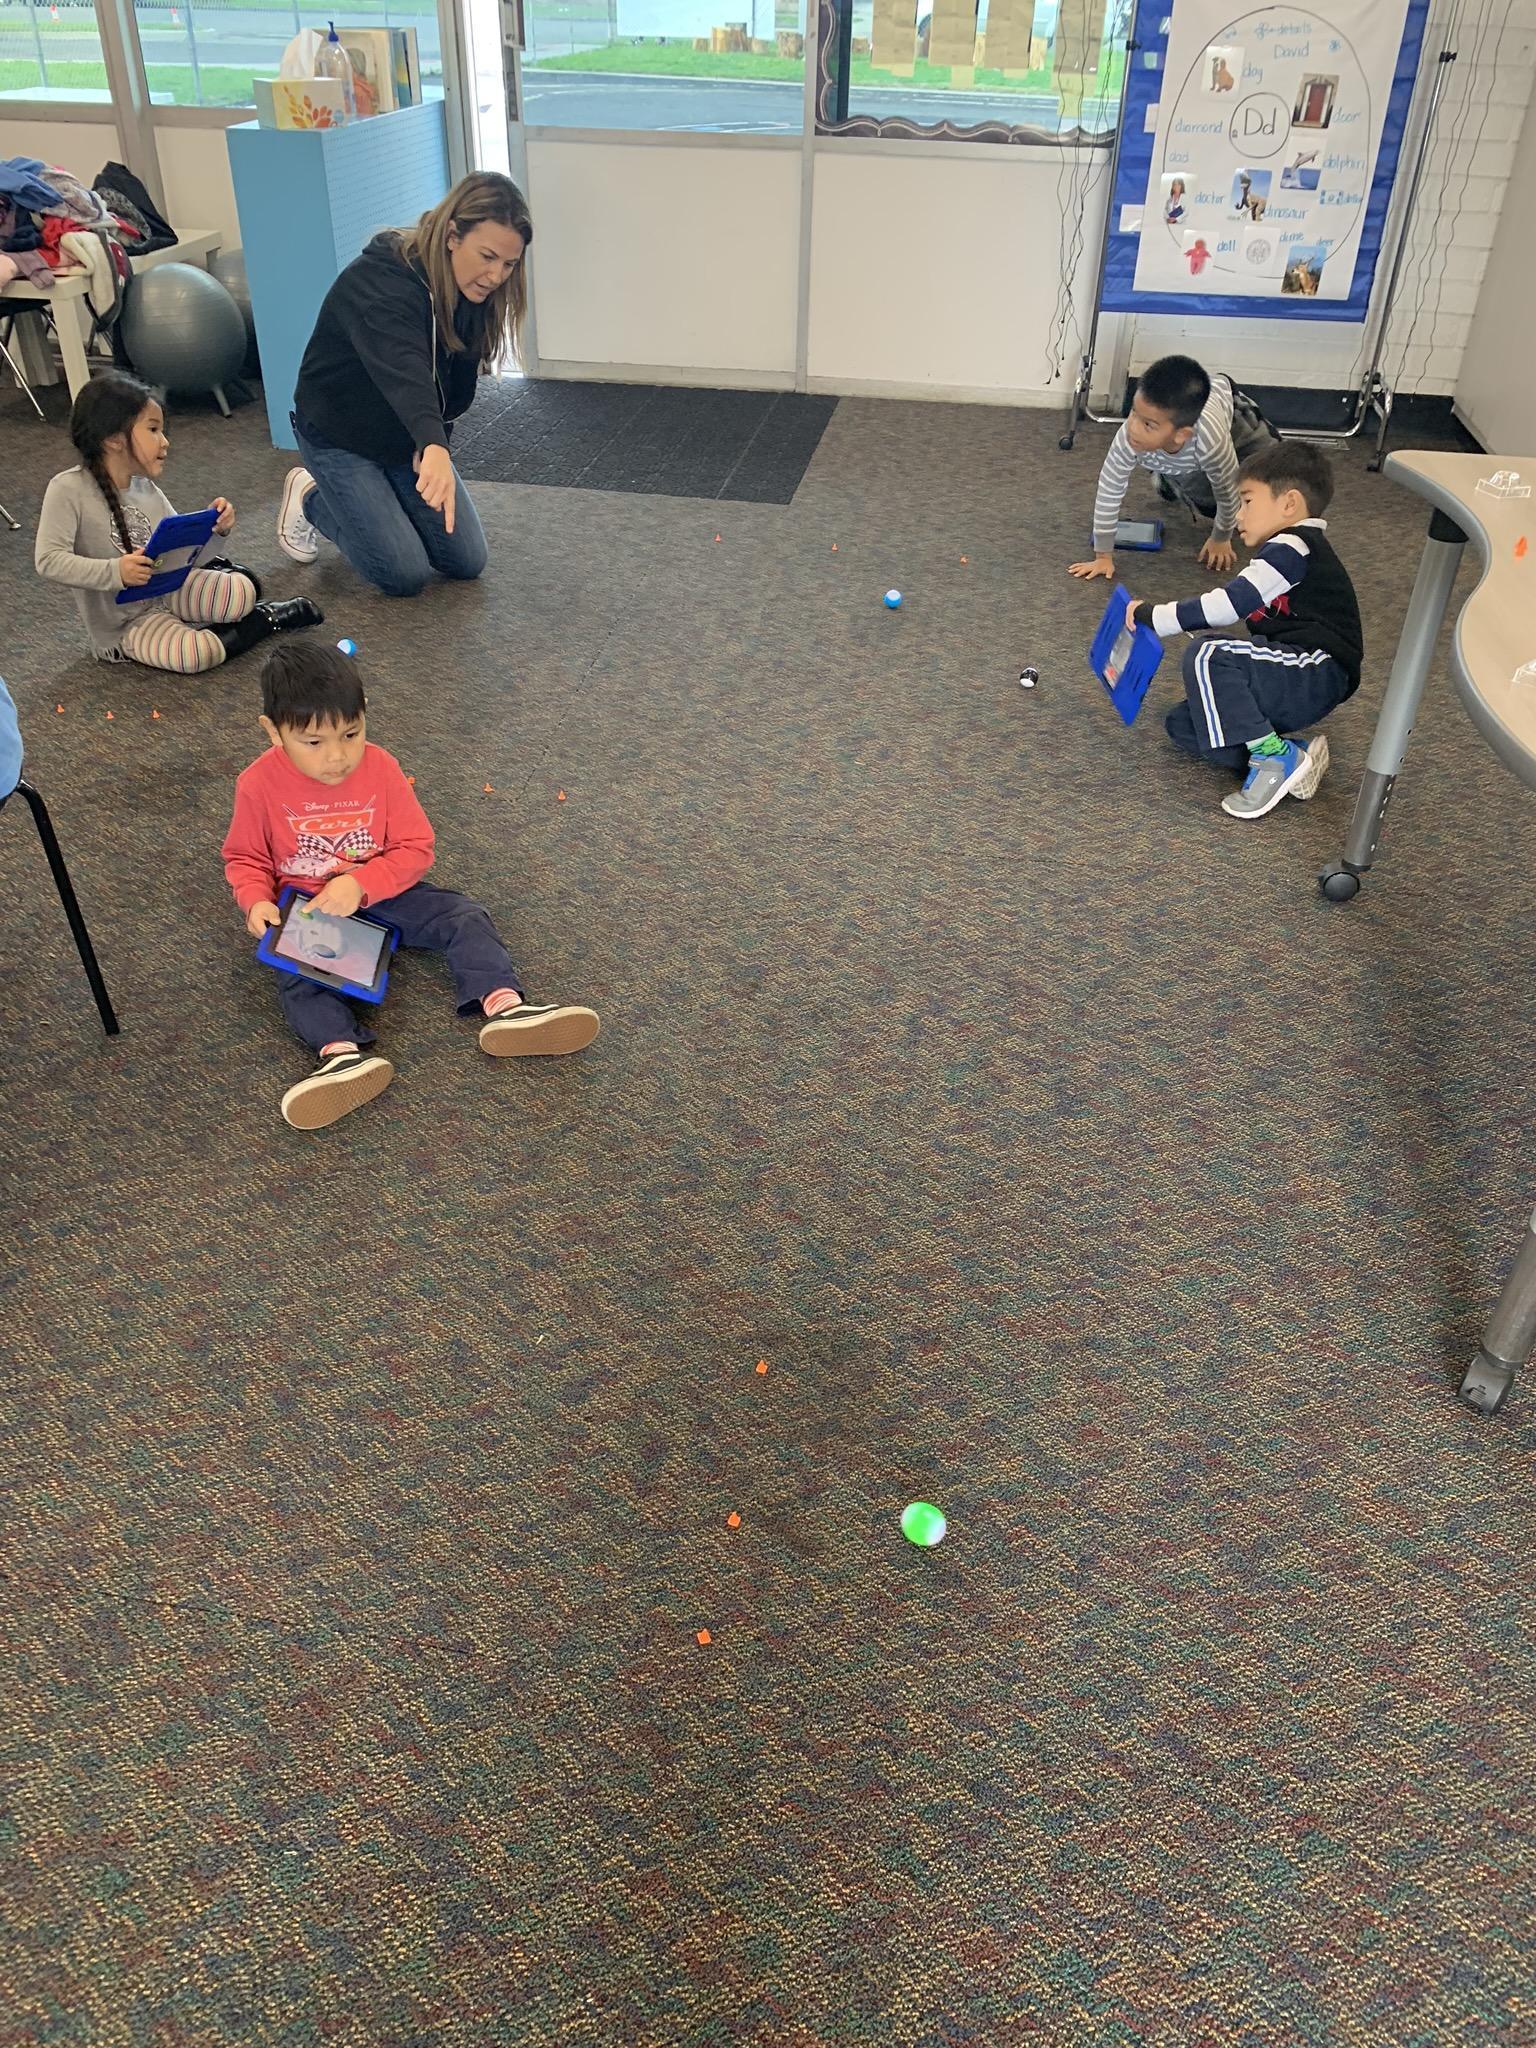 coding with spheros